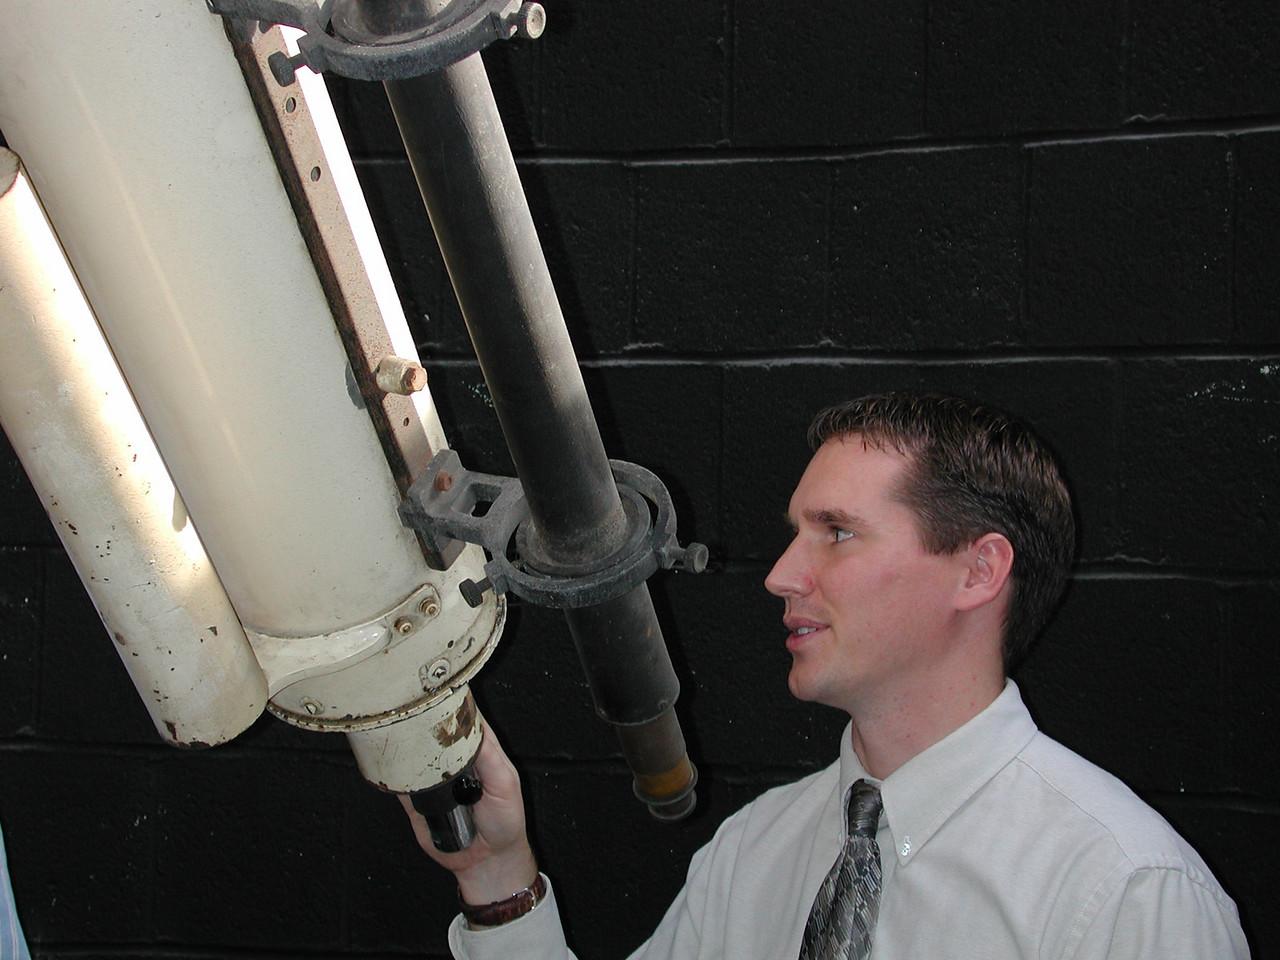 Jayson examines the instruments tail stock assembly.